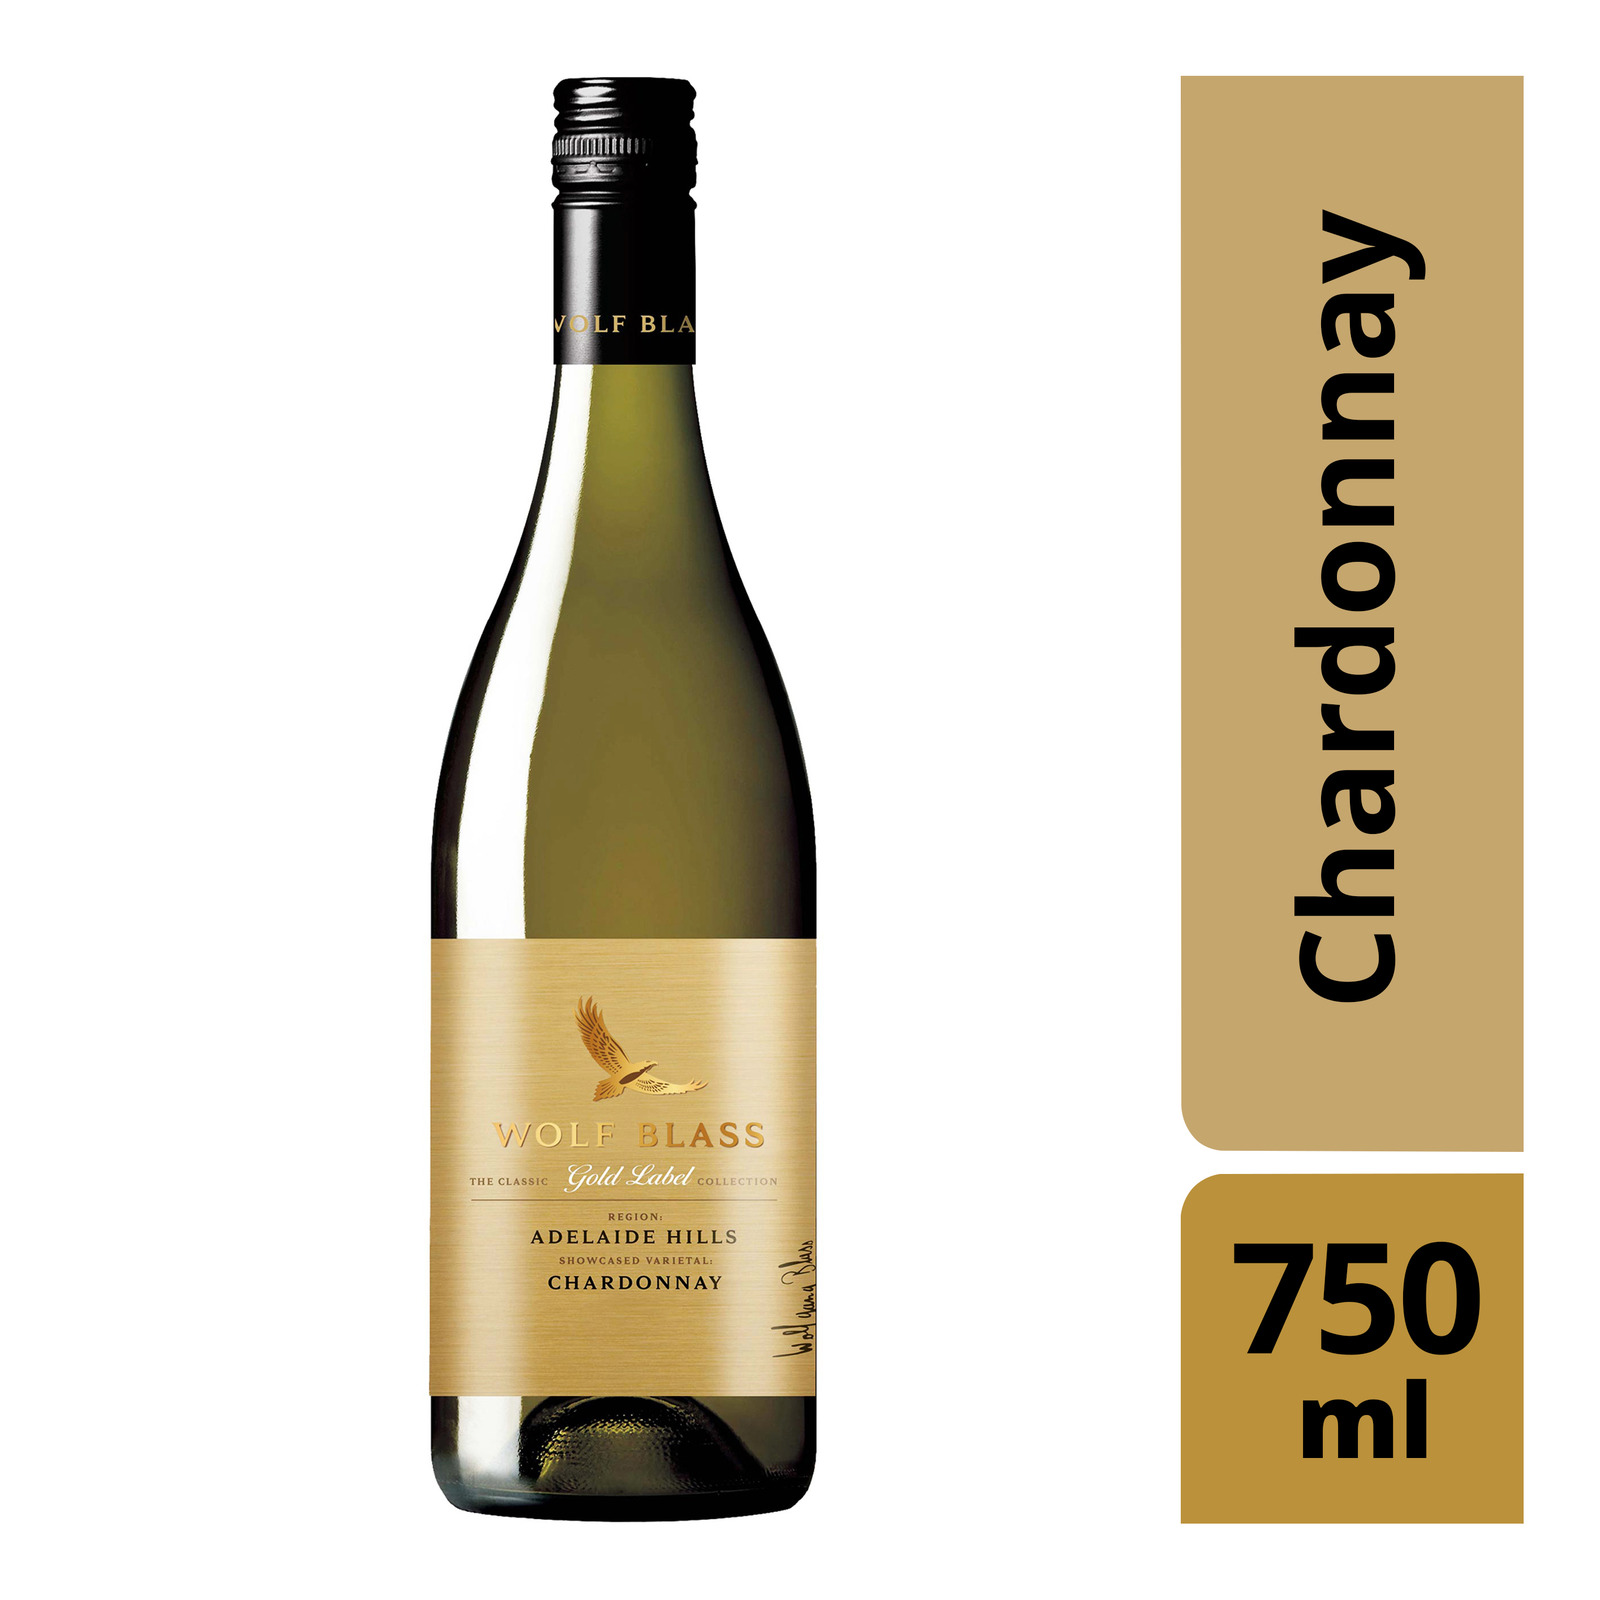 Wolf Blass Gold Label White Wine - Chardonnay